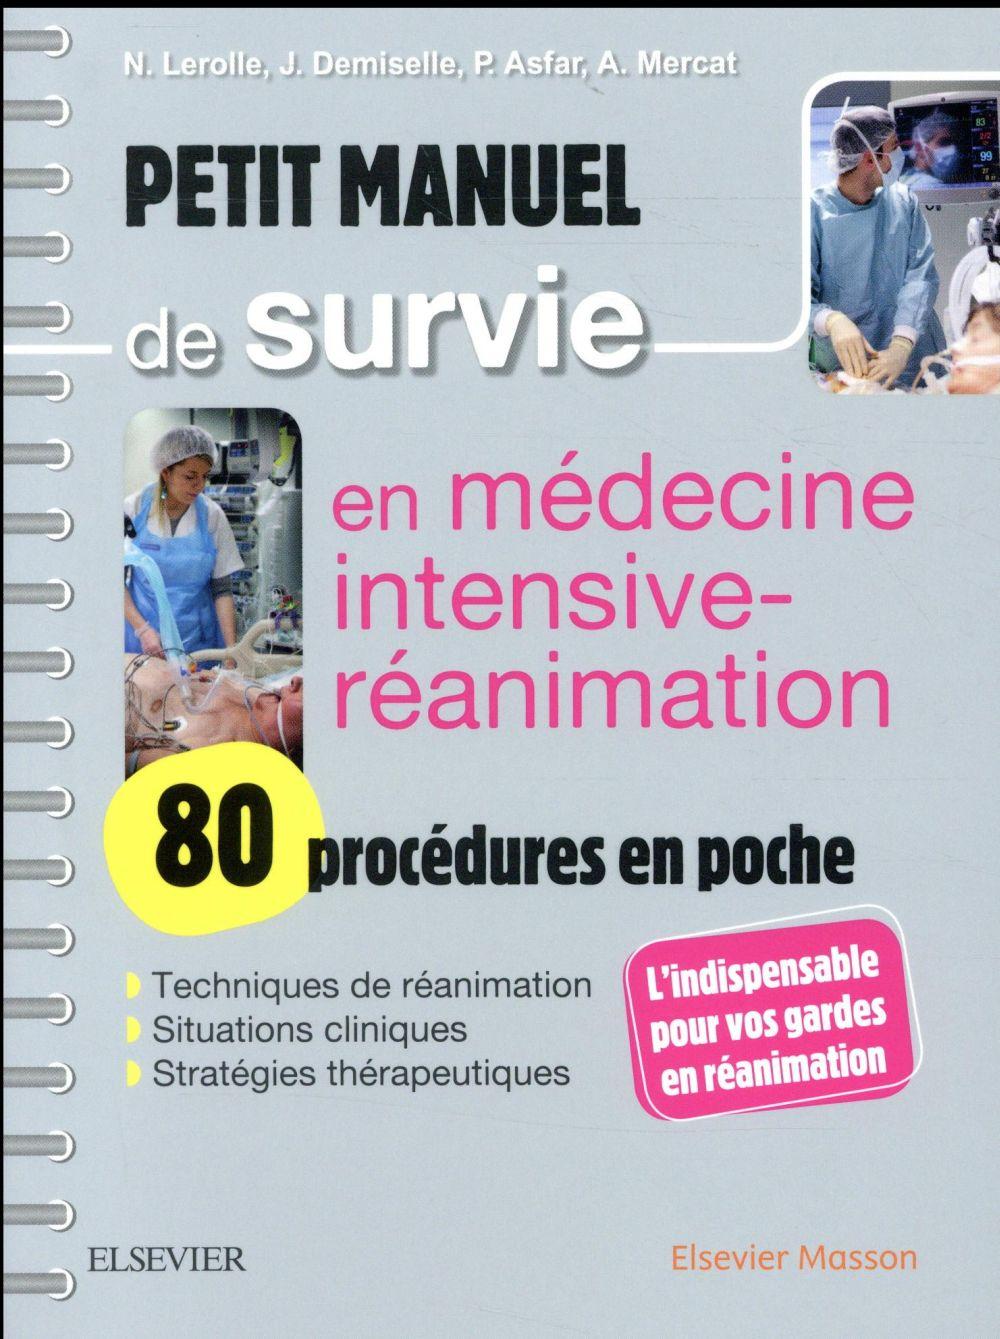 PETIT MANUEL DE SURVIE EN MEDECINE INTENSIVE-REANIMATION  -  80 PROCEDURES EN POCHE Mercat Alain Elsevier Masson